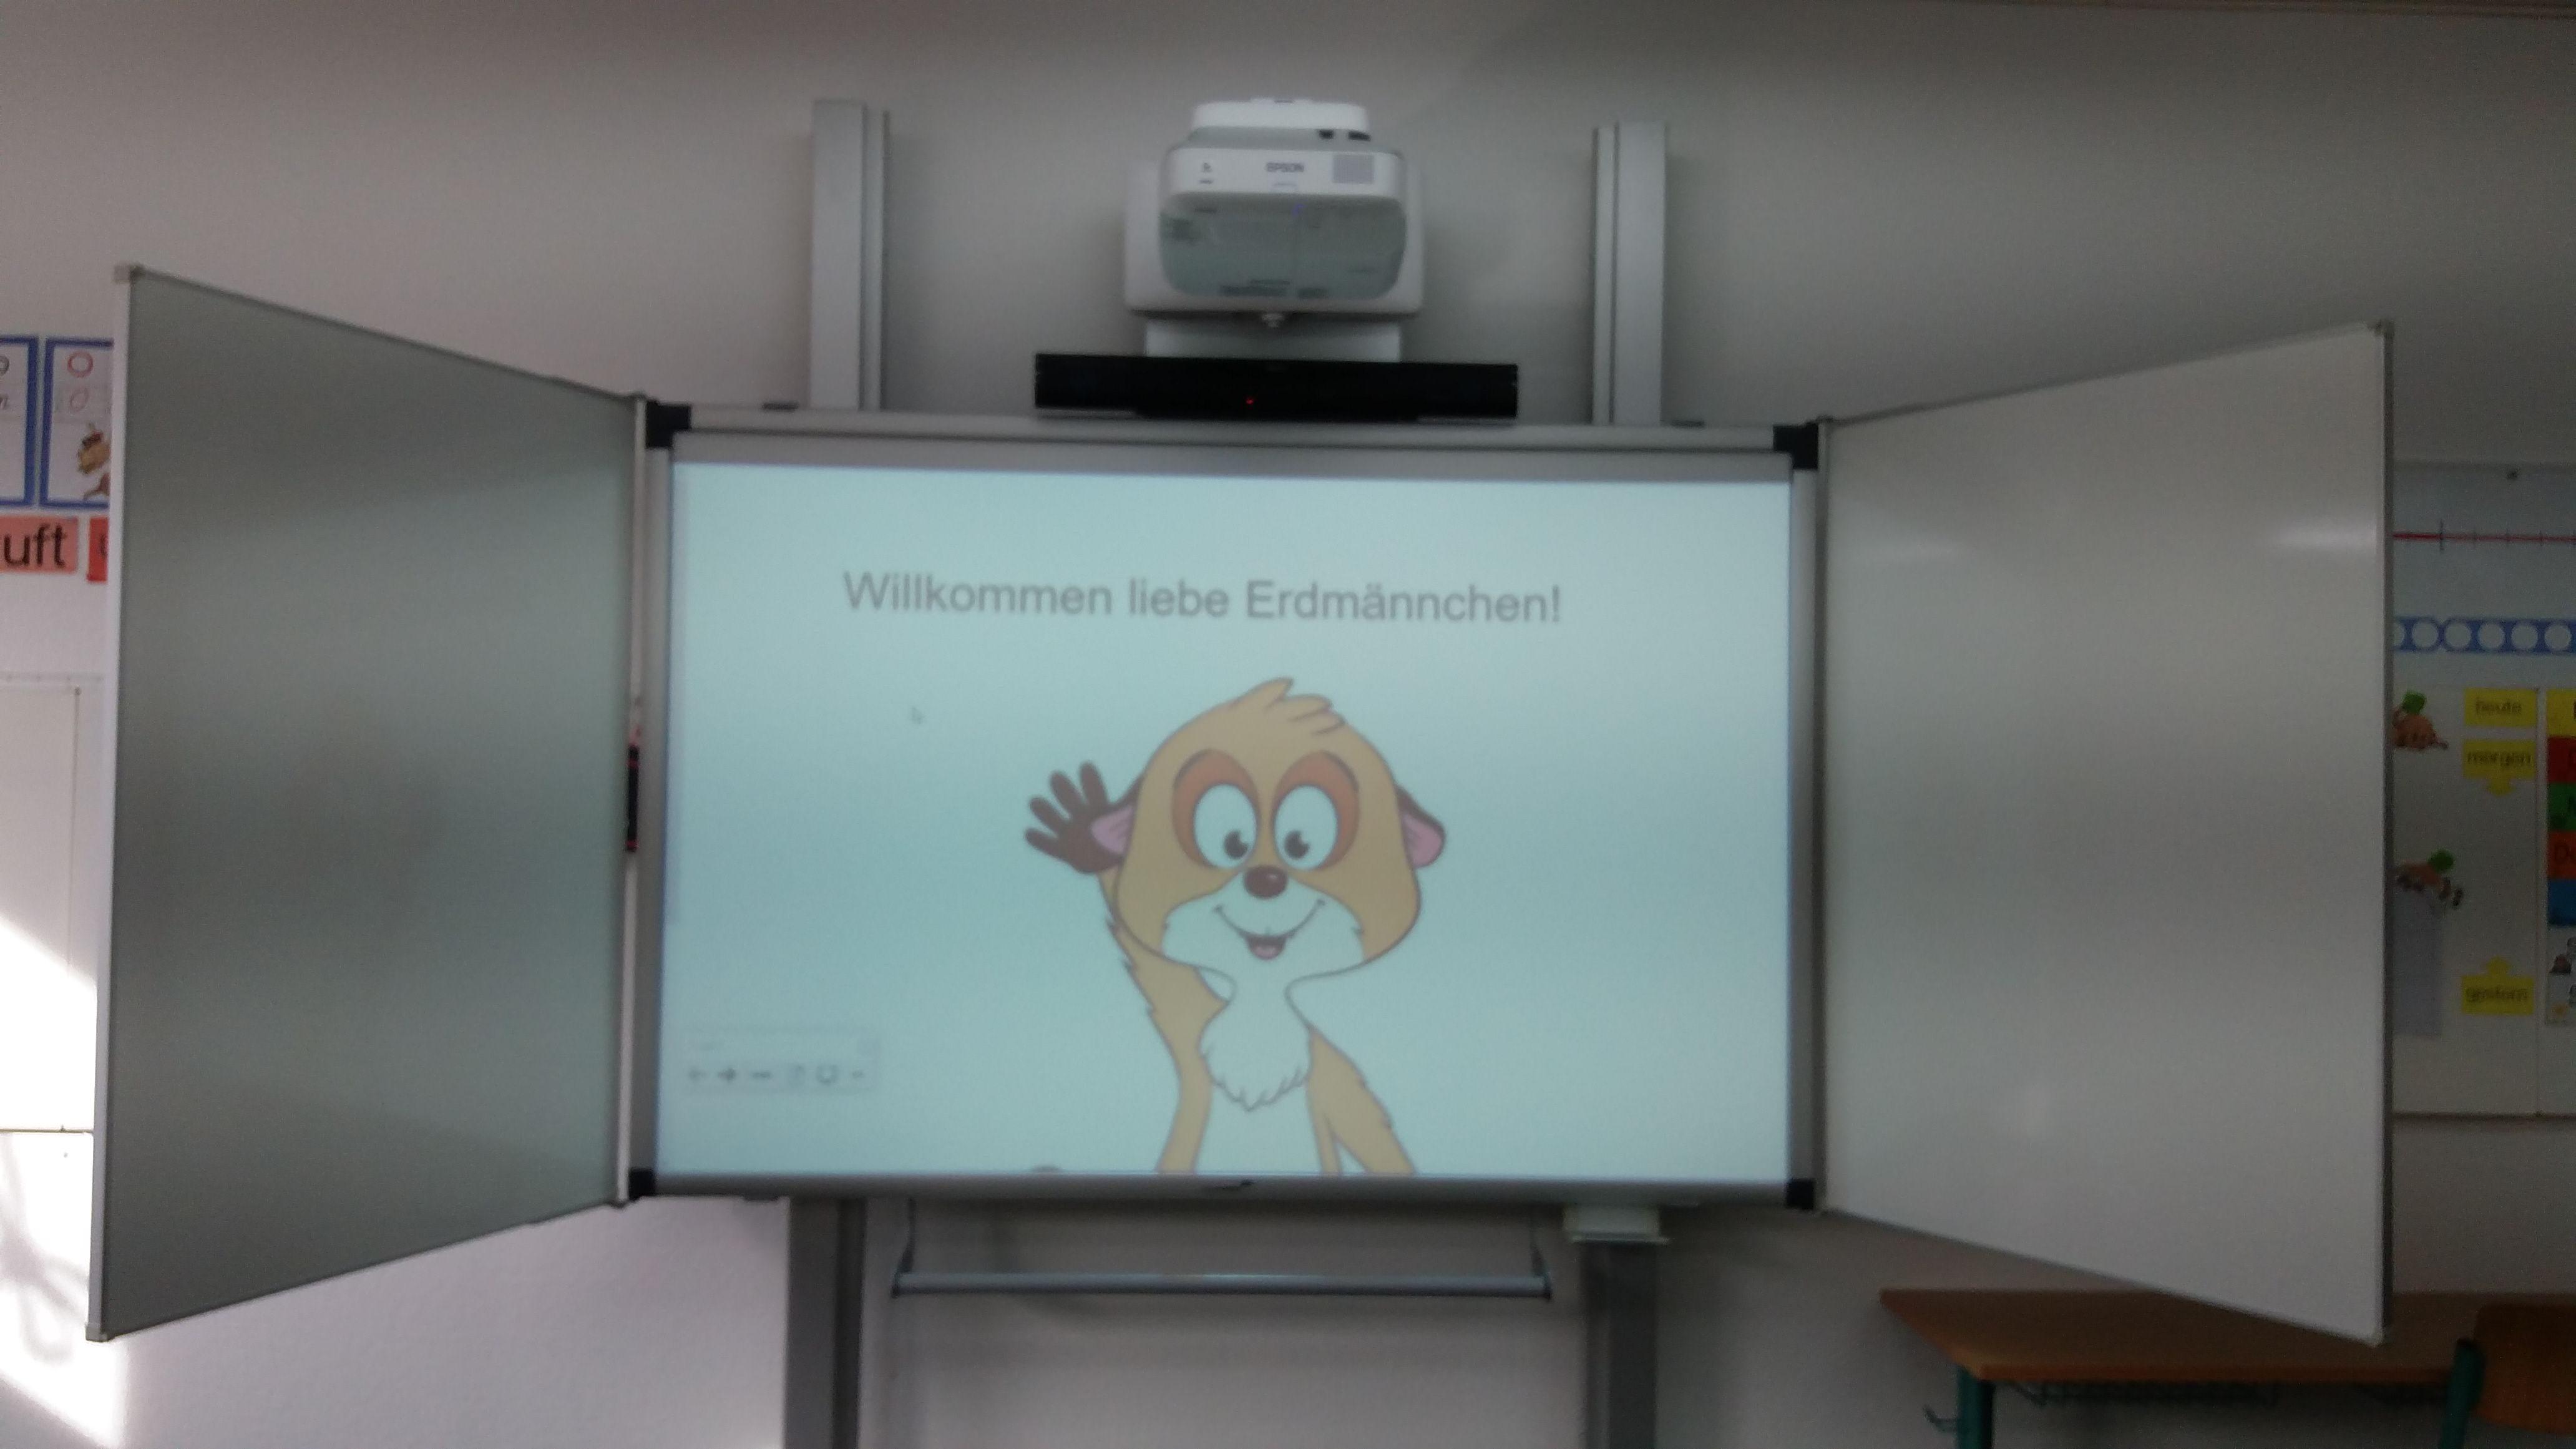 http://schule.neuseddin.de/wp-content/uploads/2016/10/Digitale-Tafel-4128x2322.jpeg